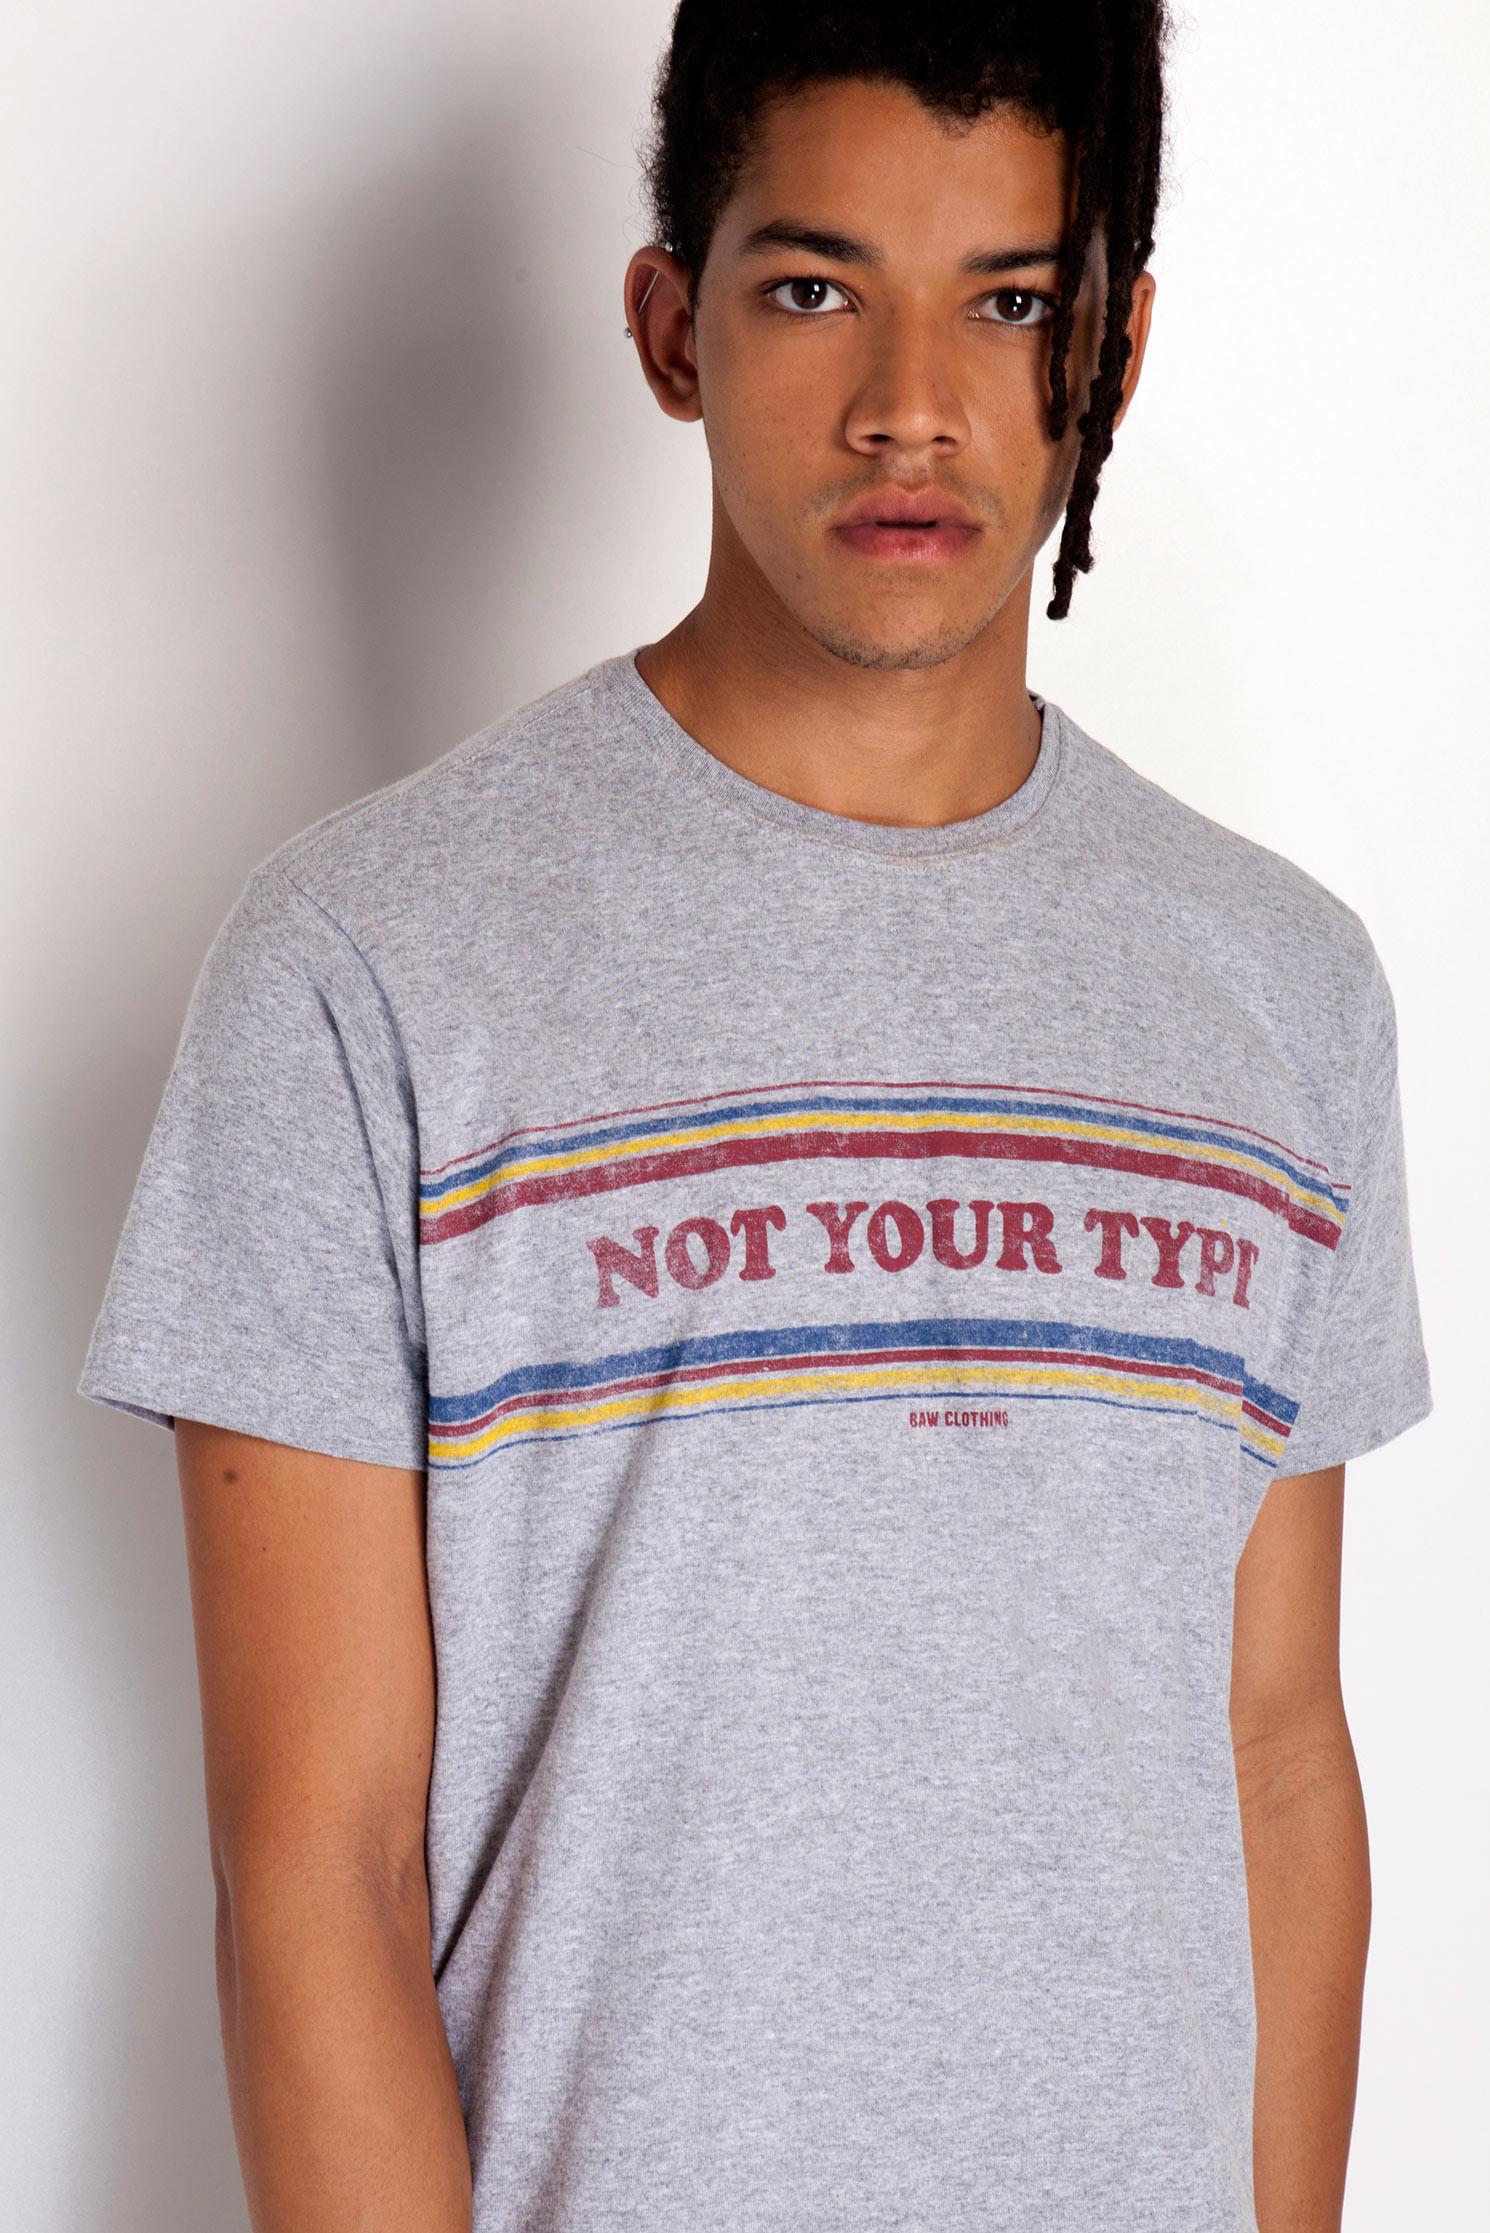 Camiseta Not Your Type - bawclothing bca84c3e21775